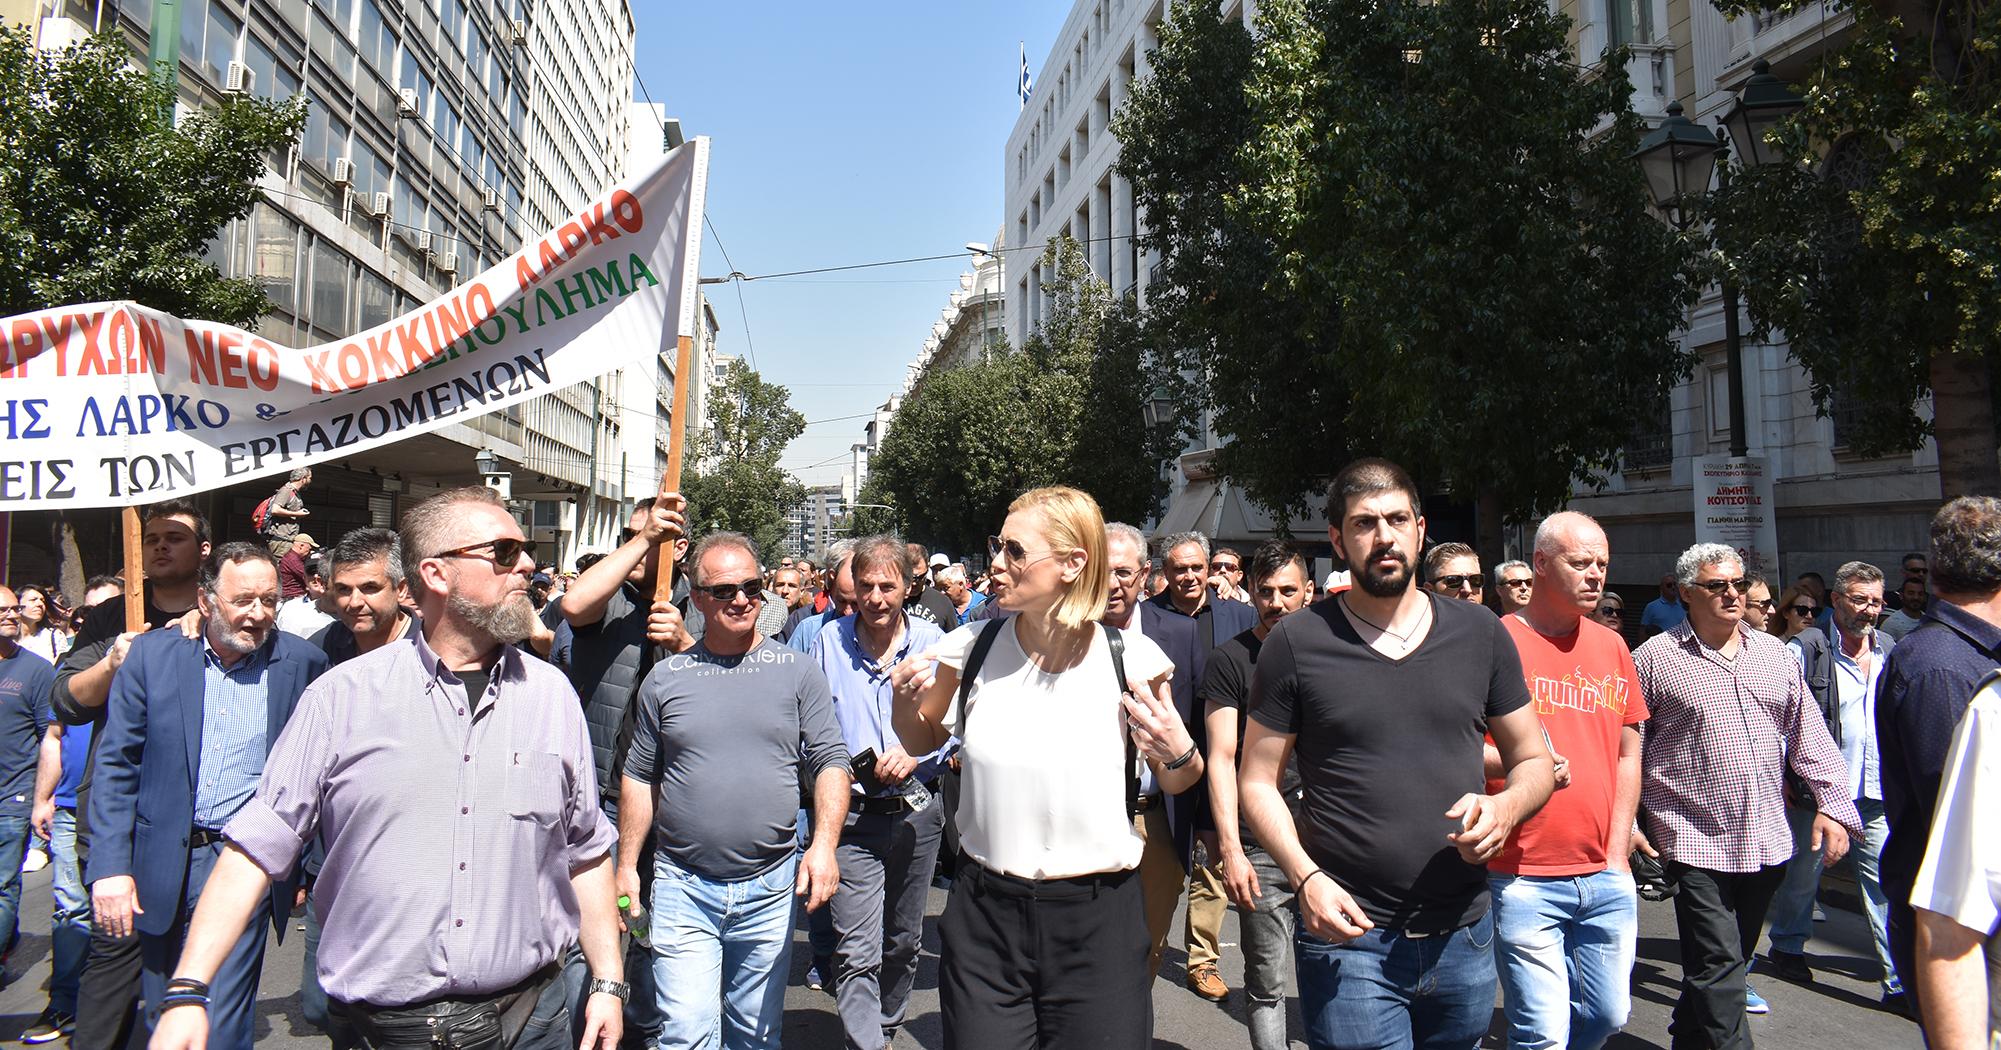 Η Ραχήλ Μακρή στην πορεία με τους εργαζόμενους της ΛΑΡΚΟ | 25.04.2018